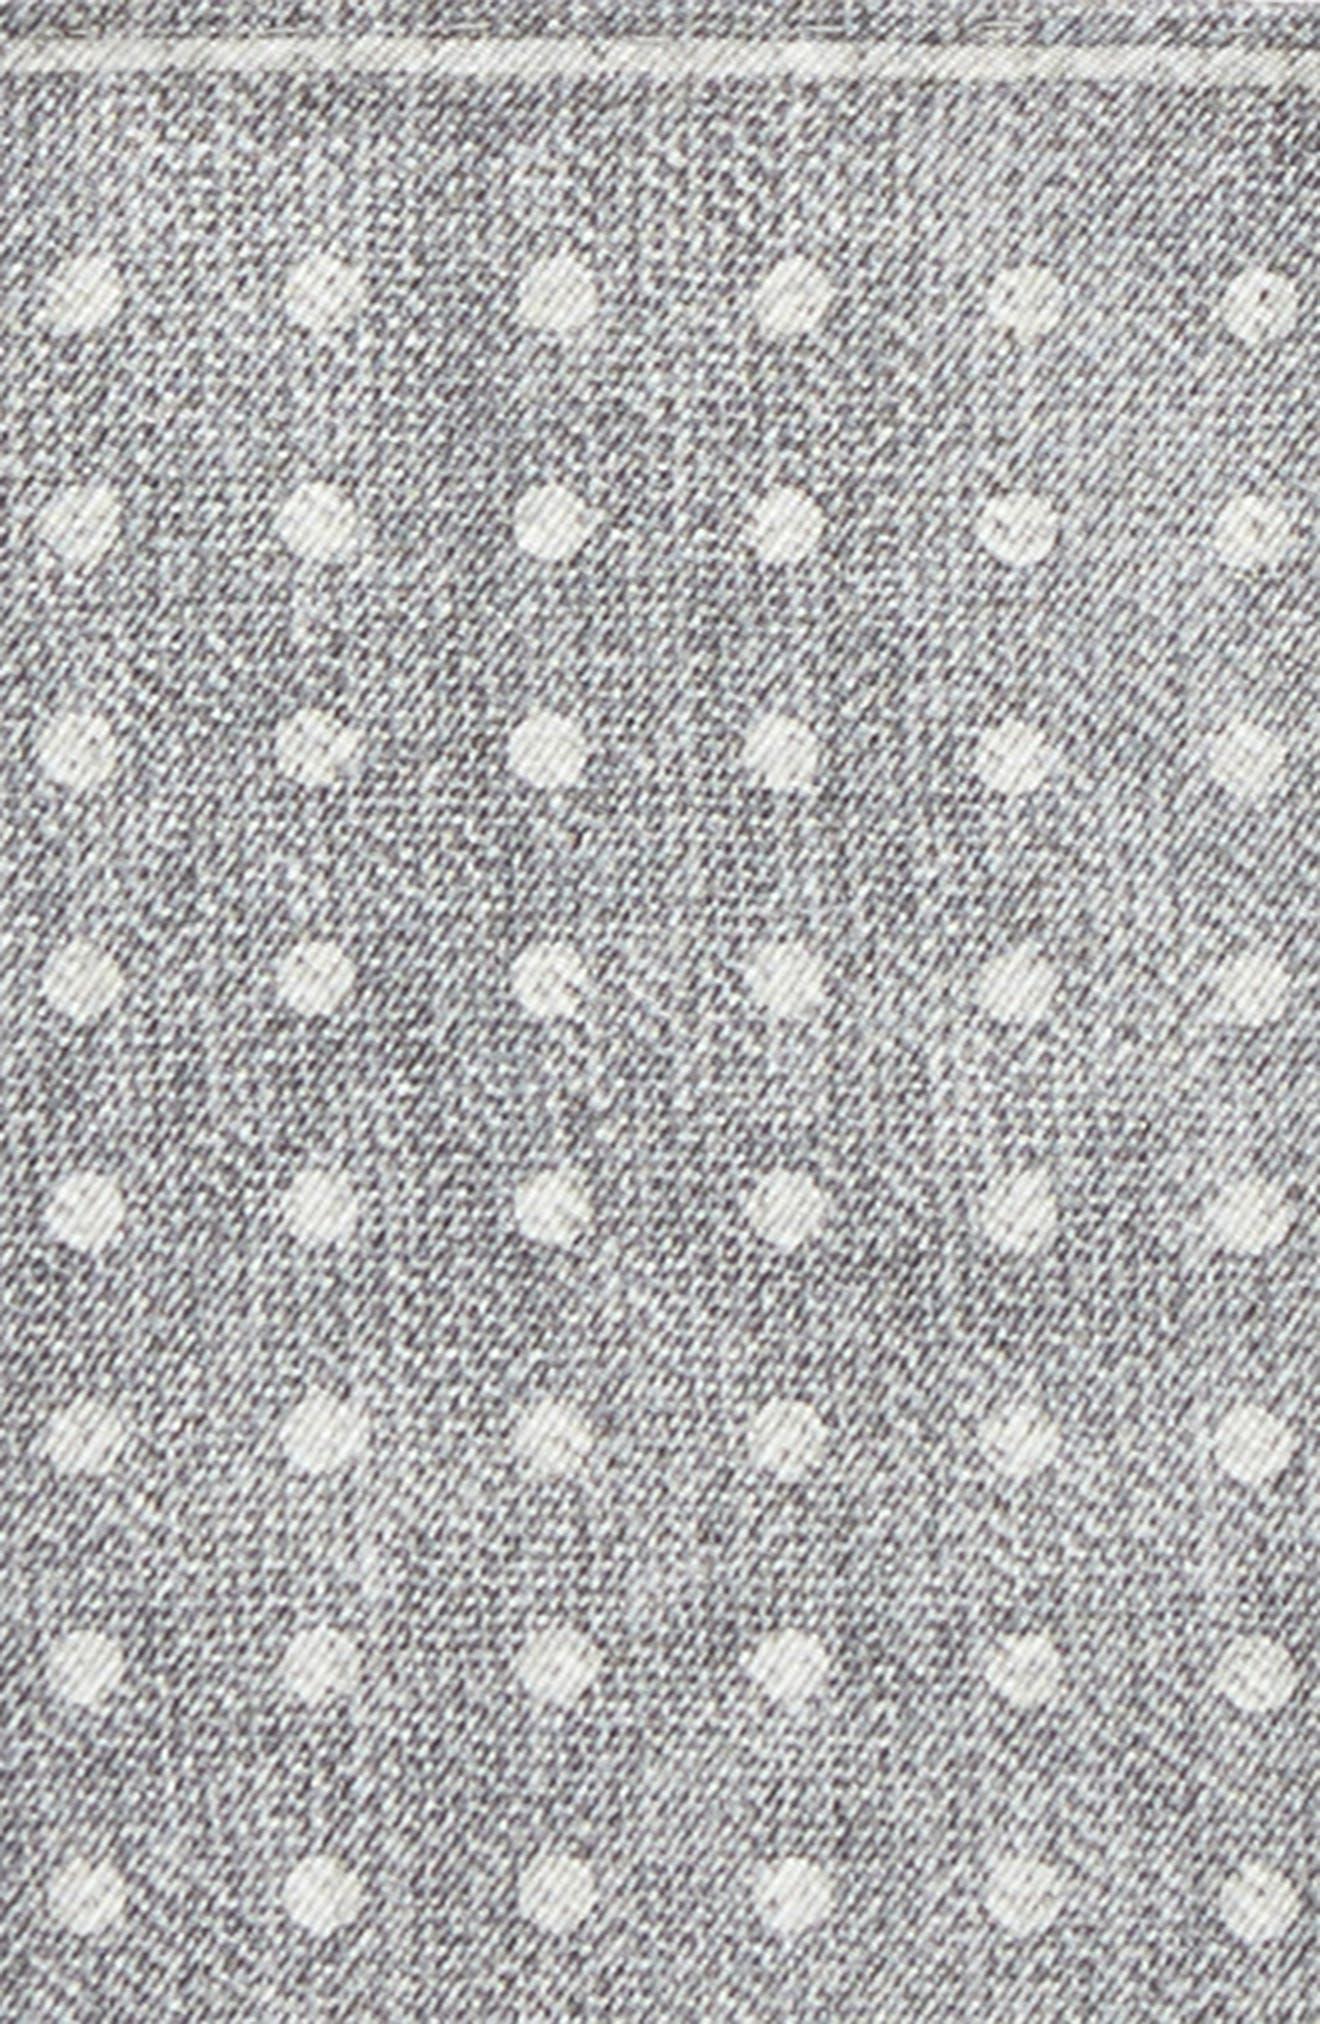 Dot Silk Pocket Square,                             Alternate thumbnail 7, color,